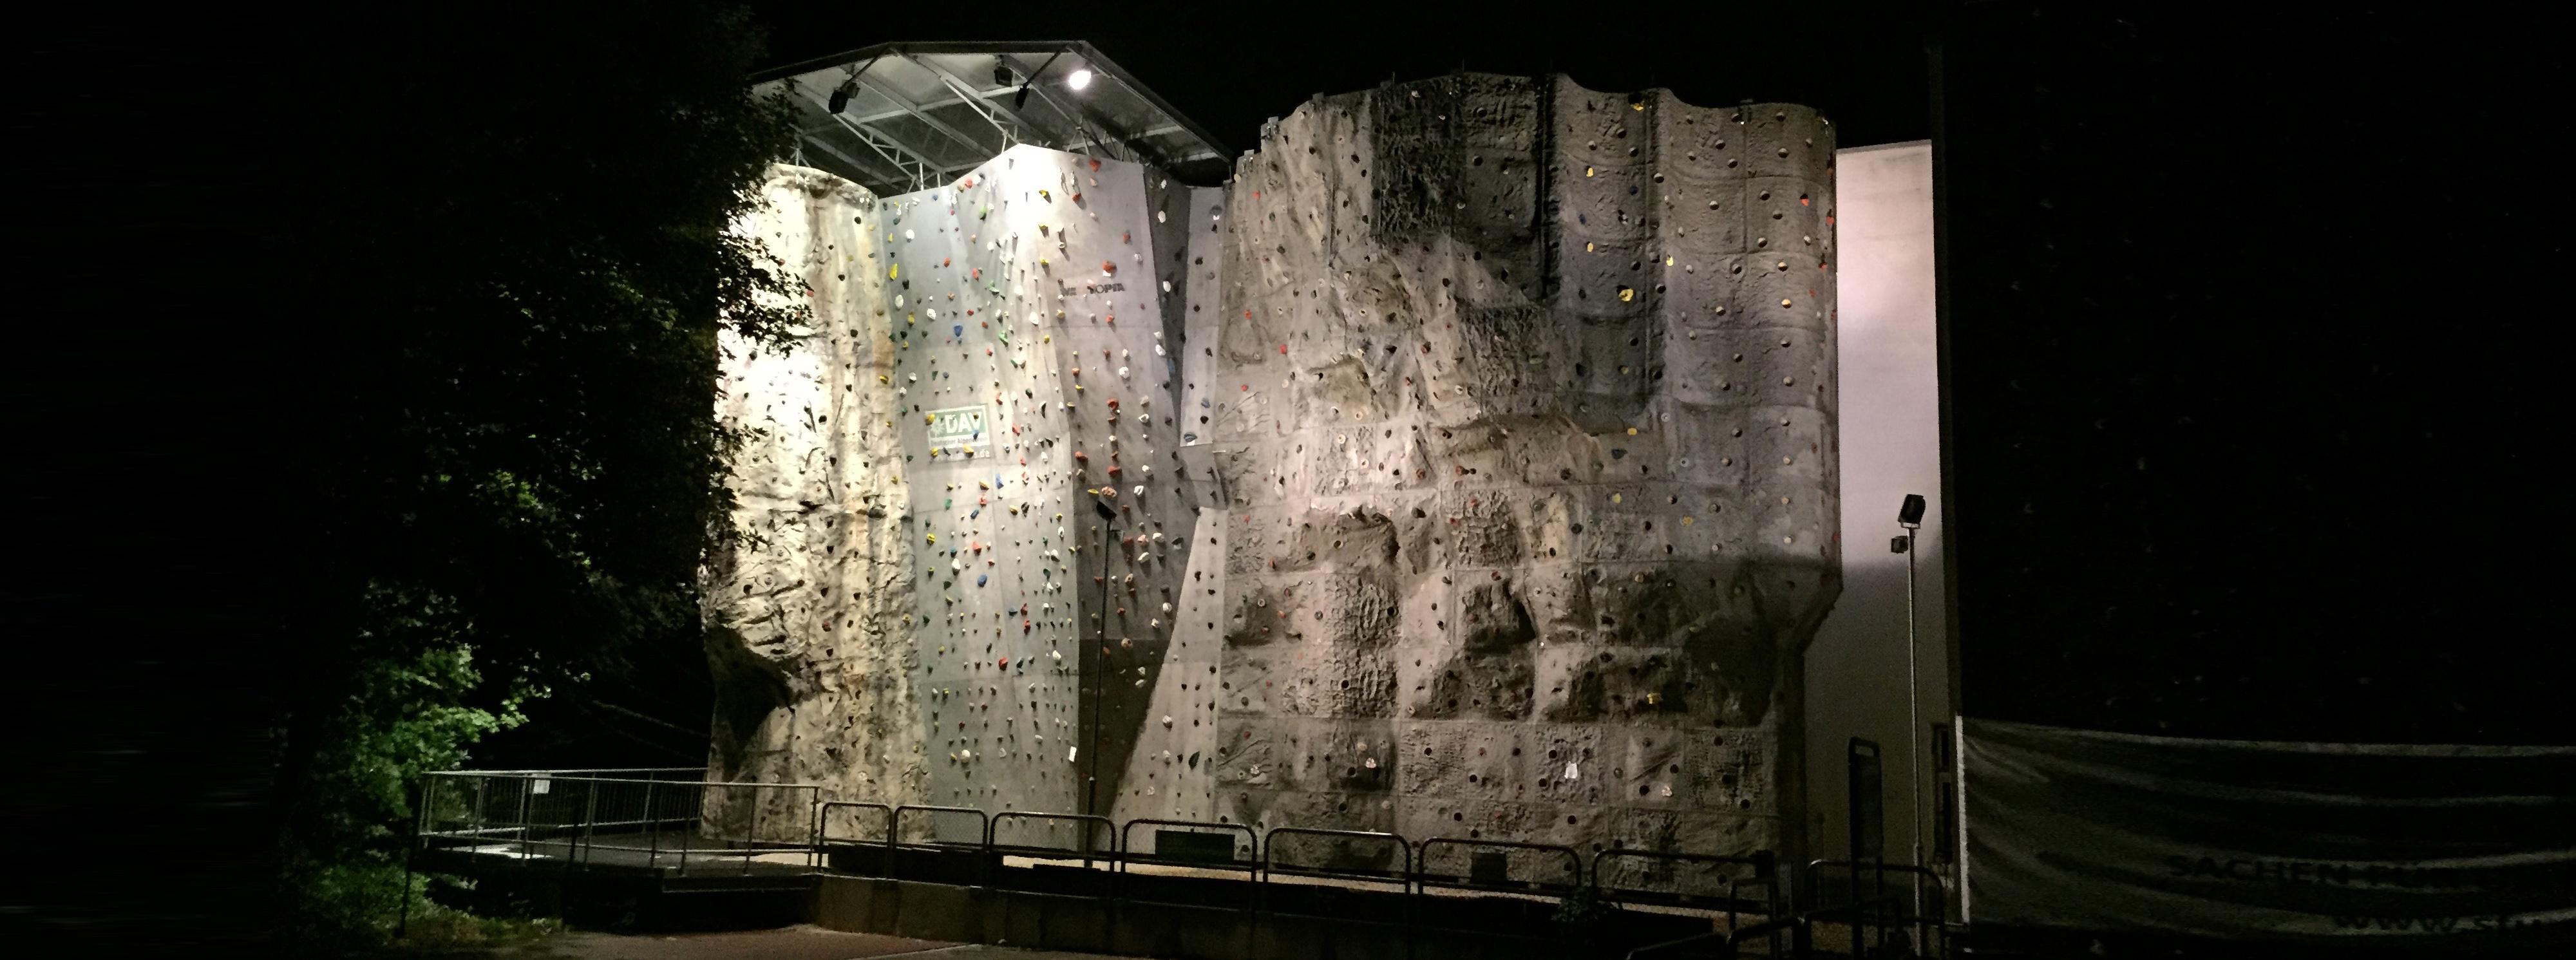 Kletterwand an der g ldenstra e 39c in braunschweig for Architekten in braunschweig